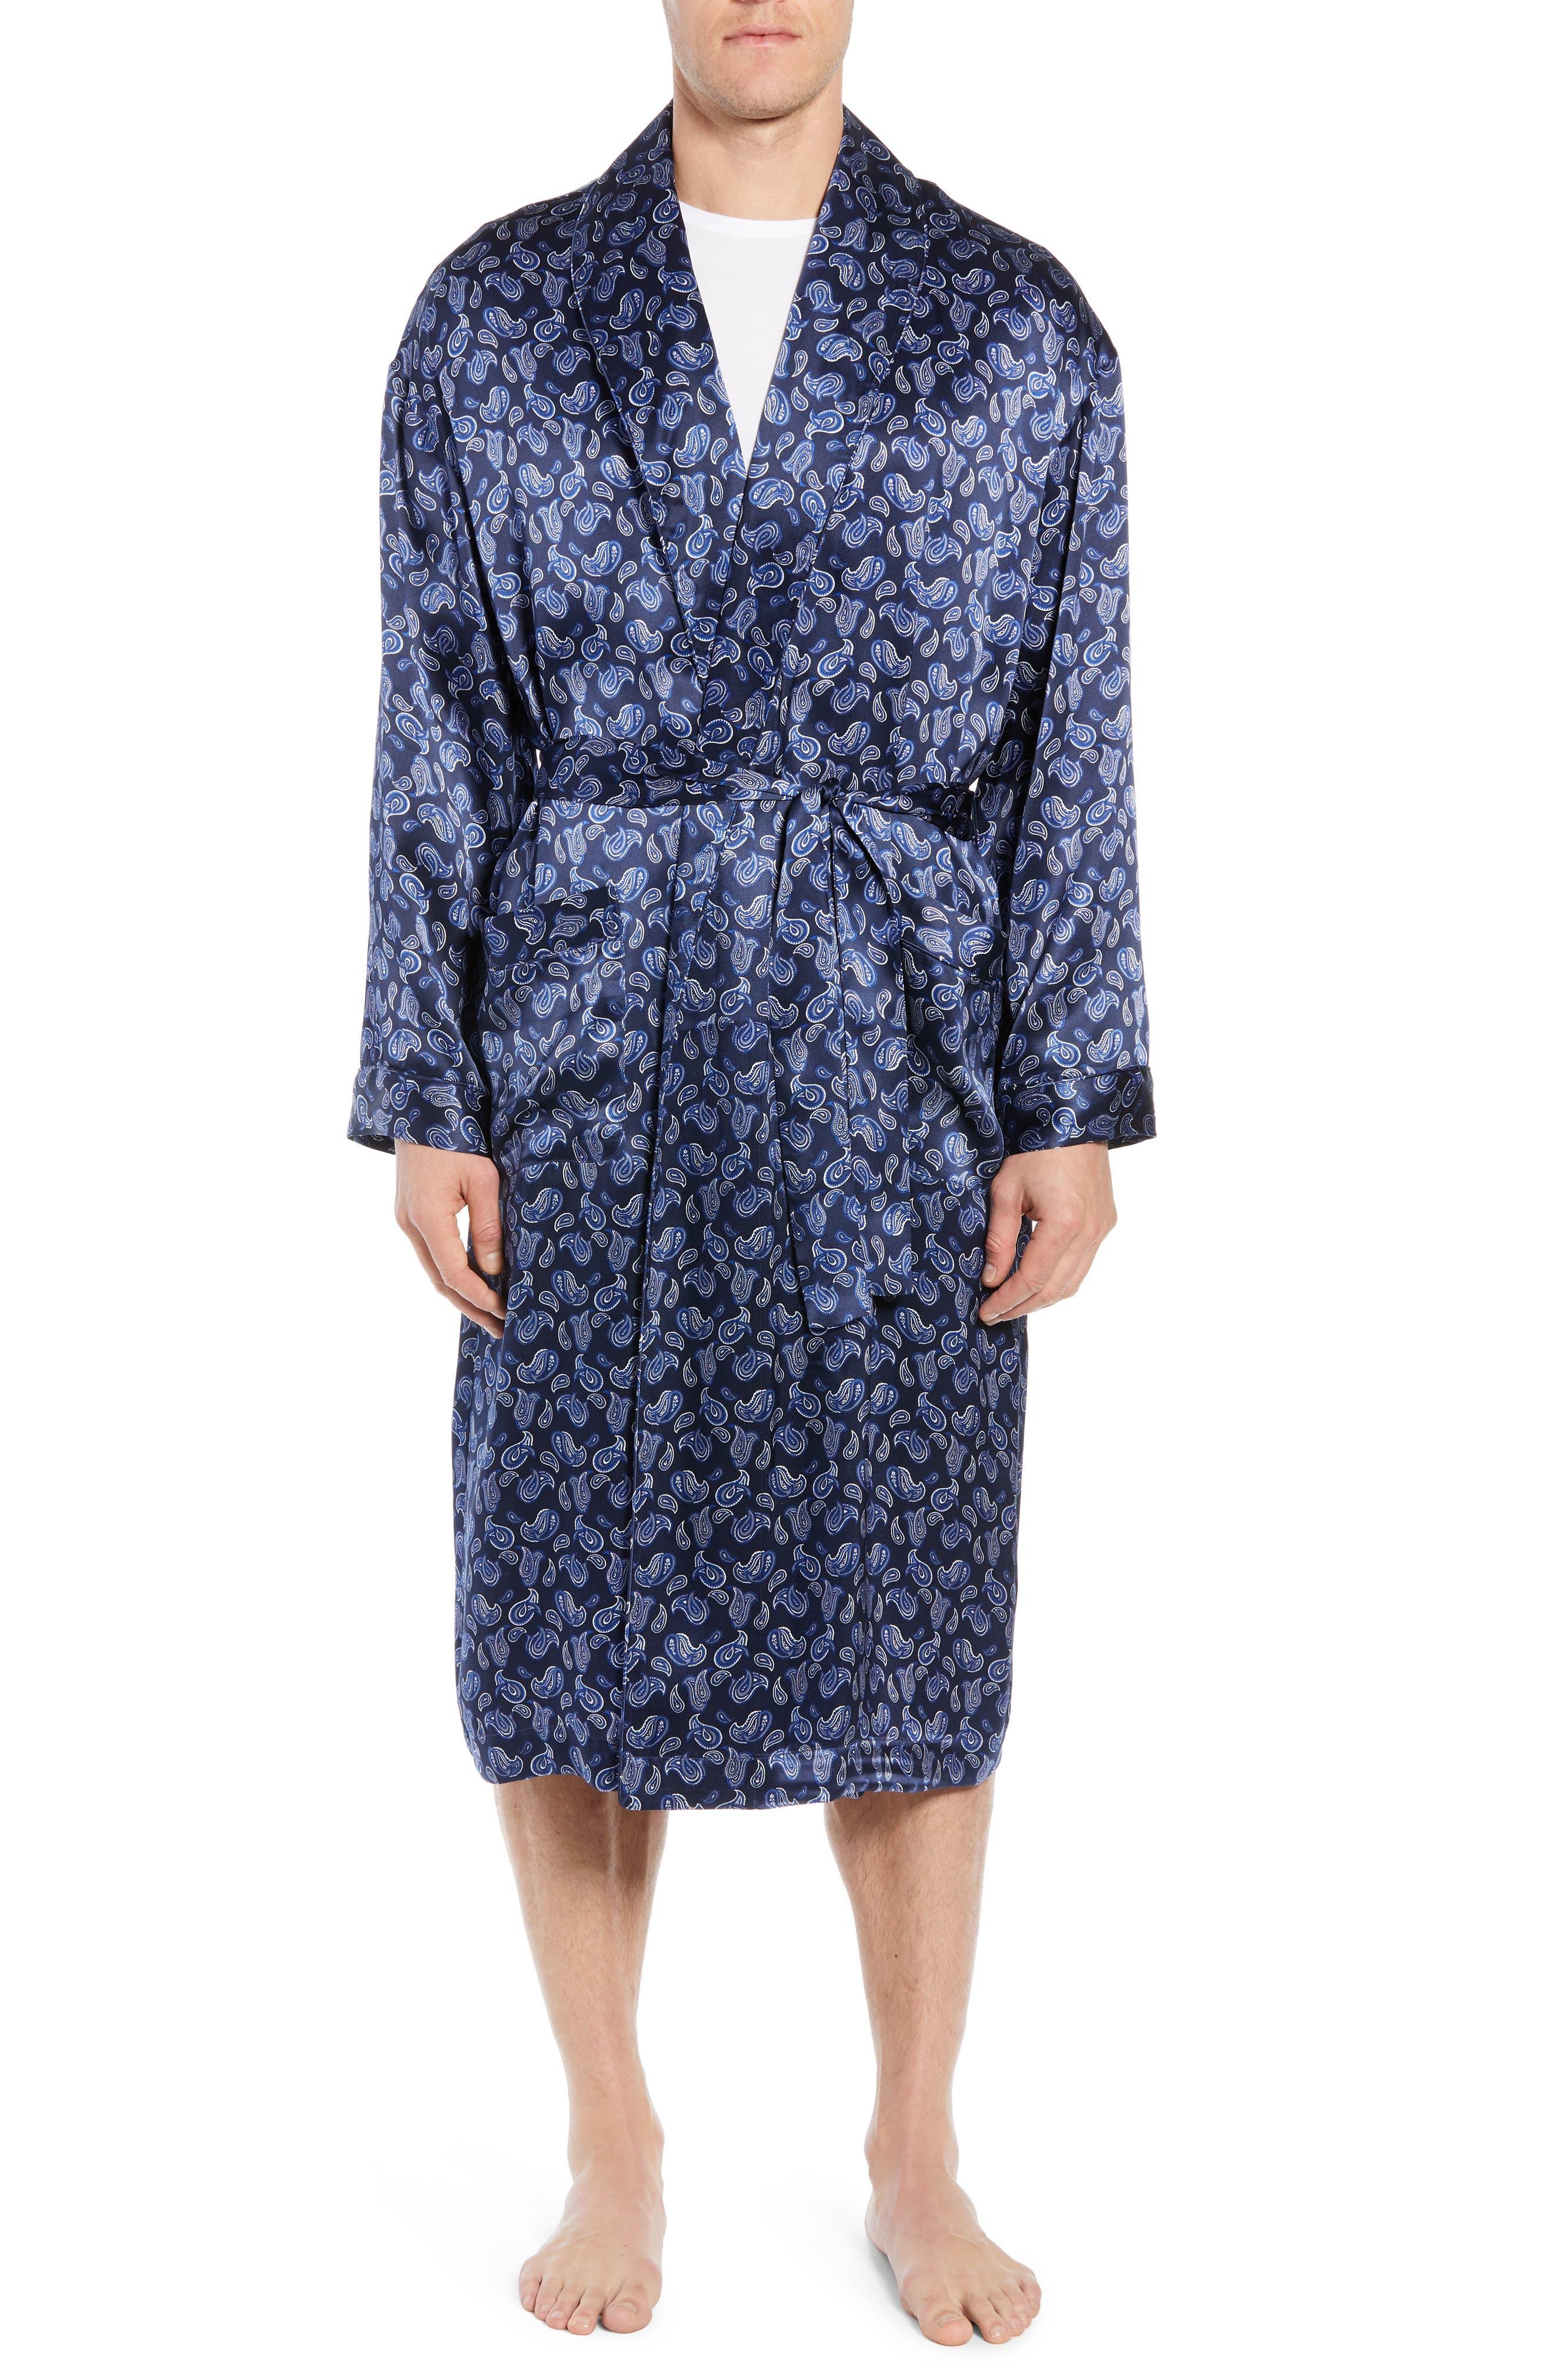 Vintage Men's Underwear Mens Majestic International Sapphire Silk Robe $325.00 AT vintagedancer.com